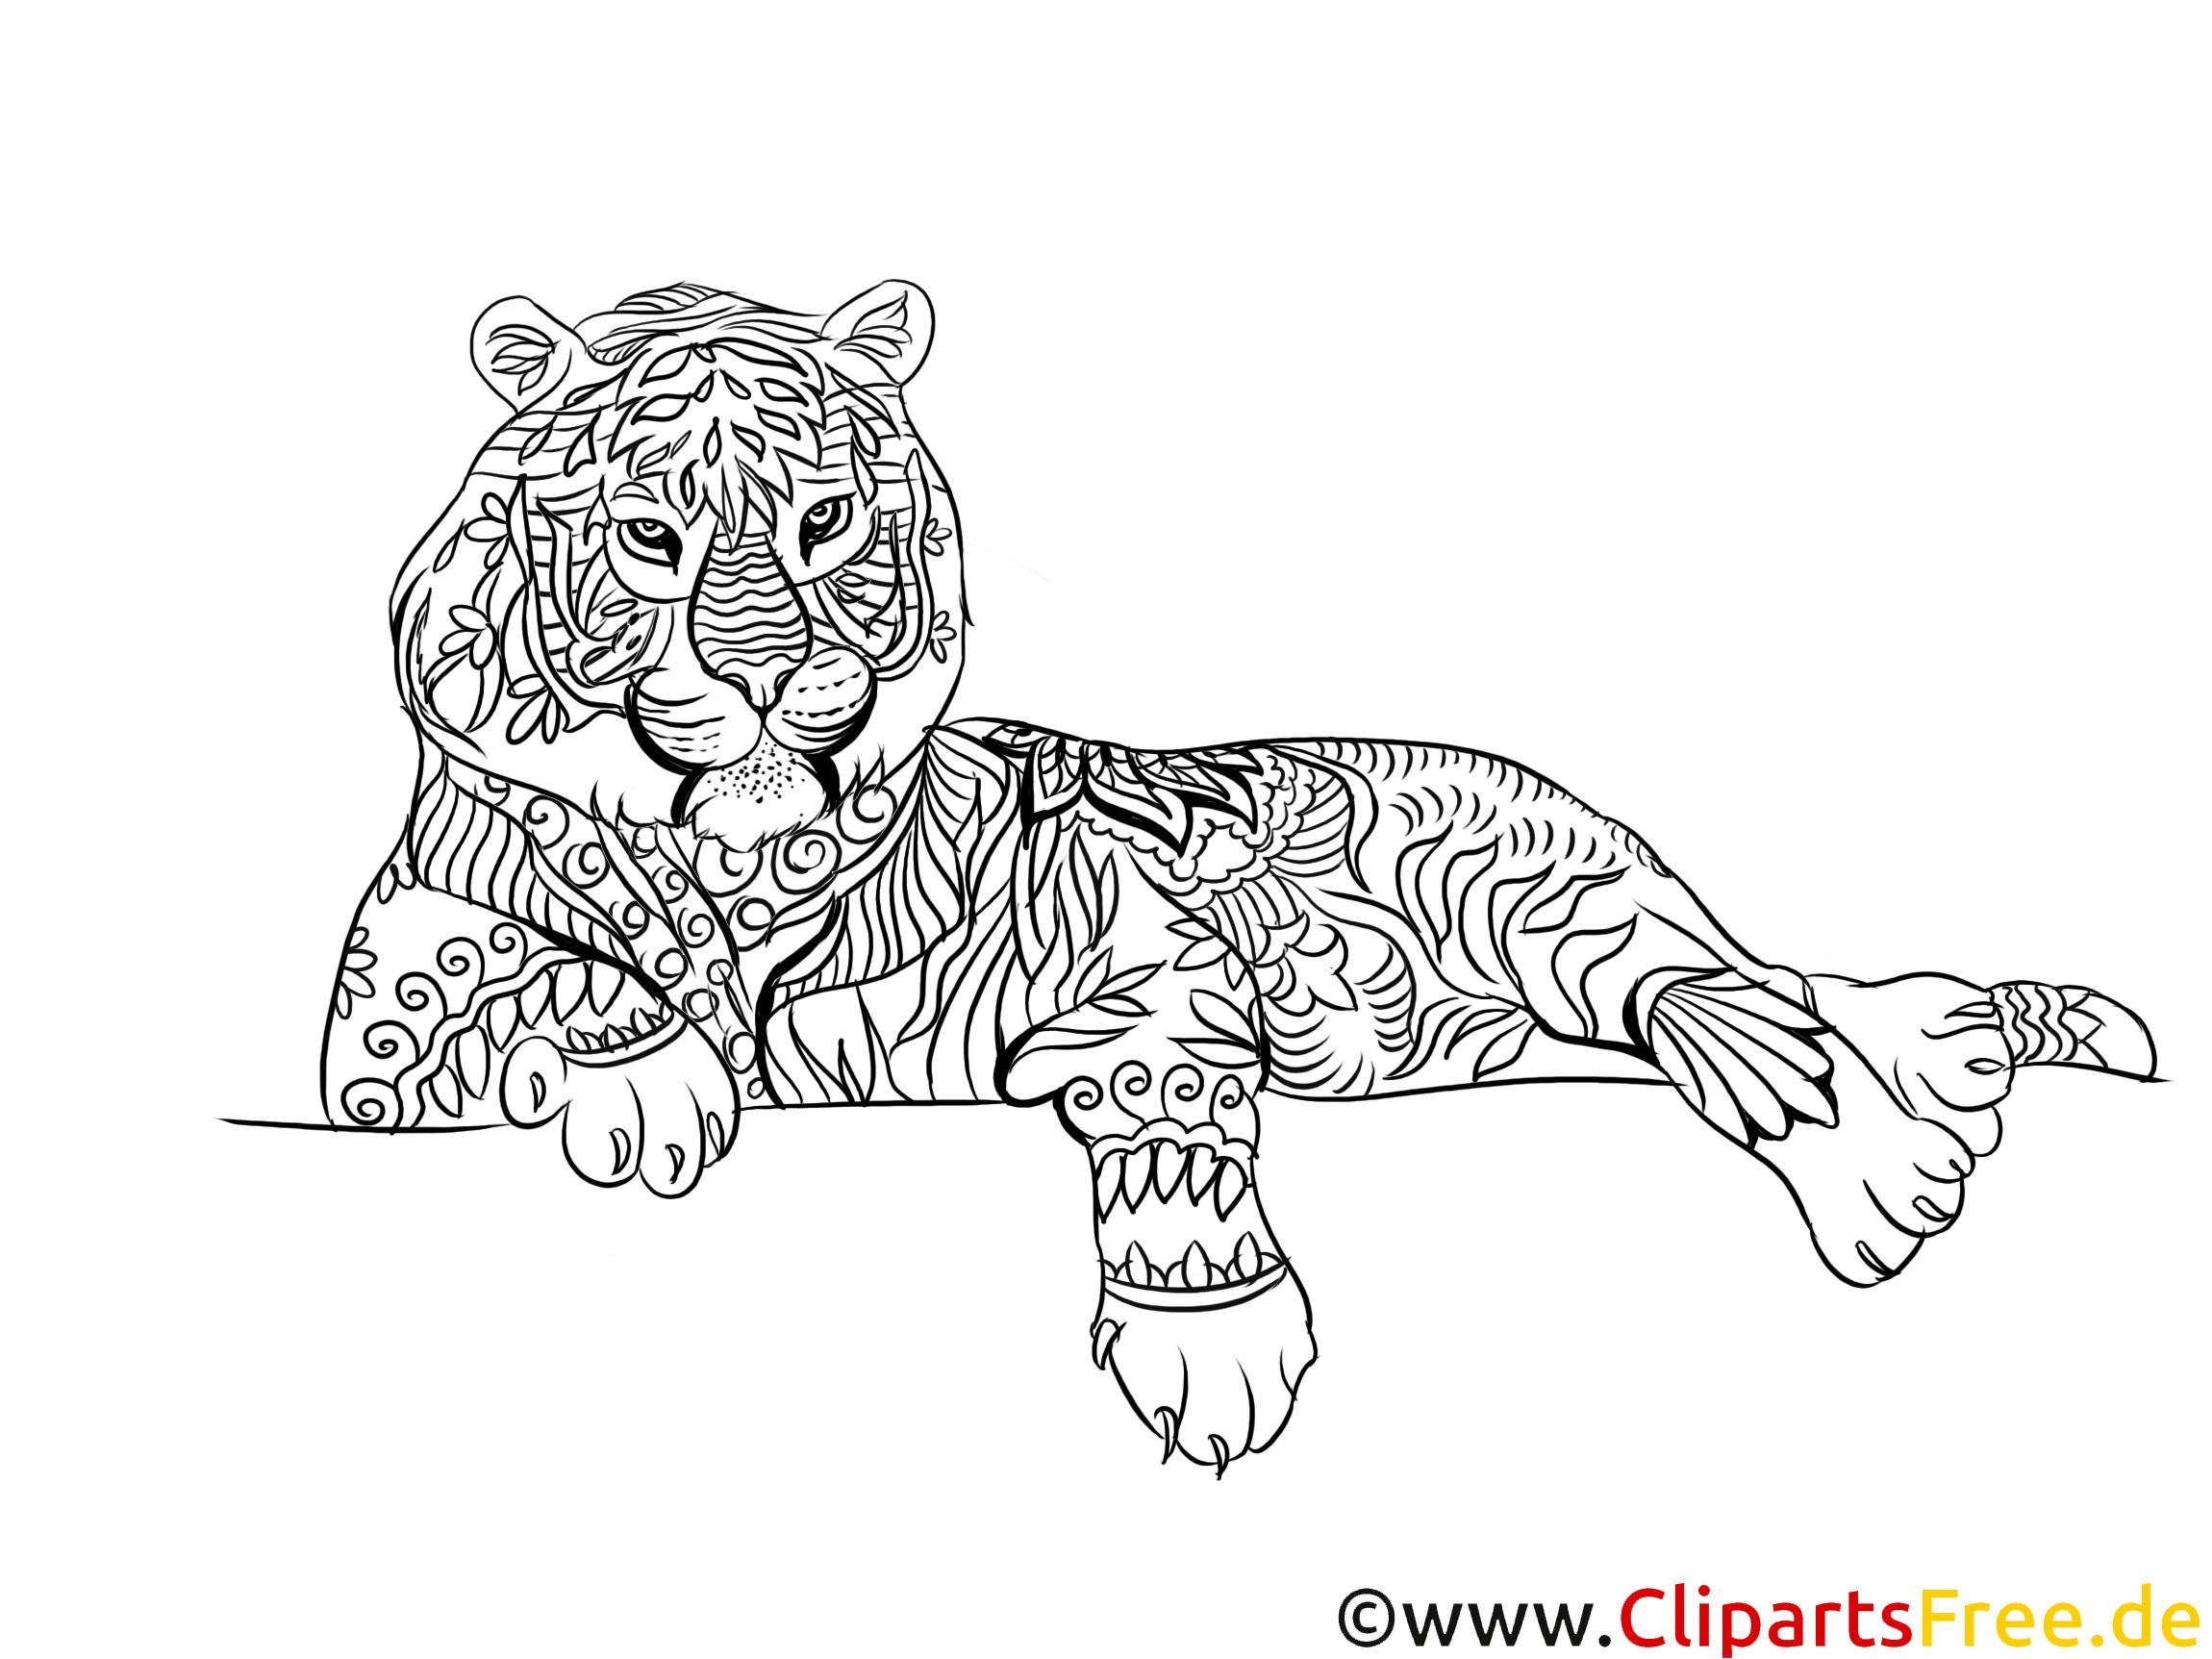 Tiger Kostenlose Malvorlage Für Erwachsene Zum Ausdrucken